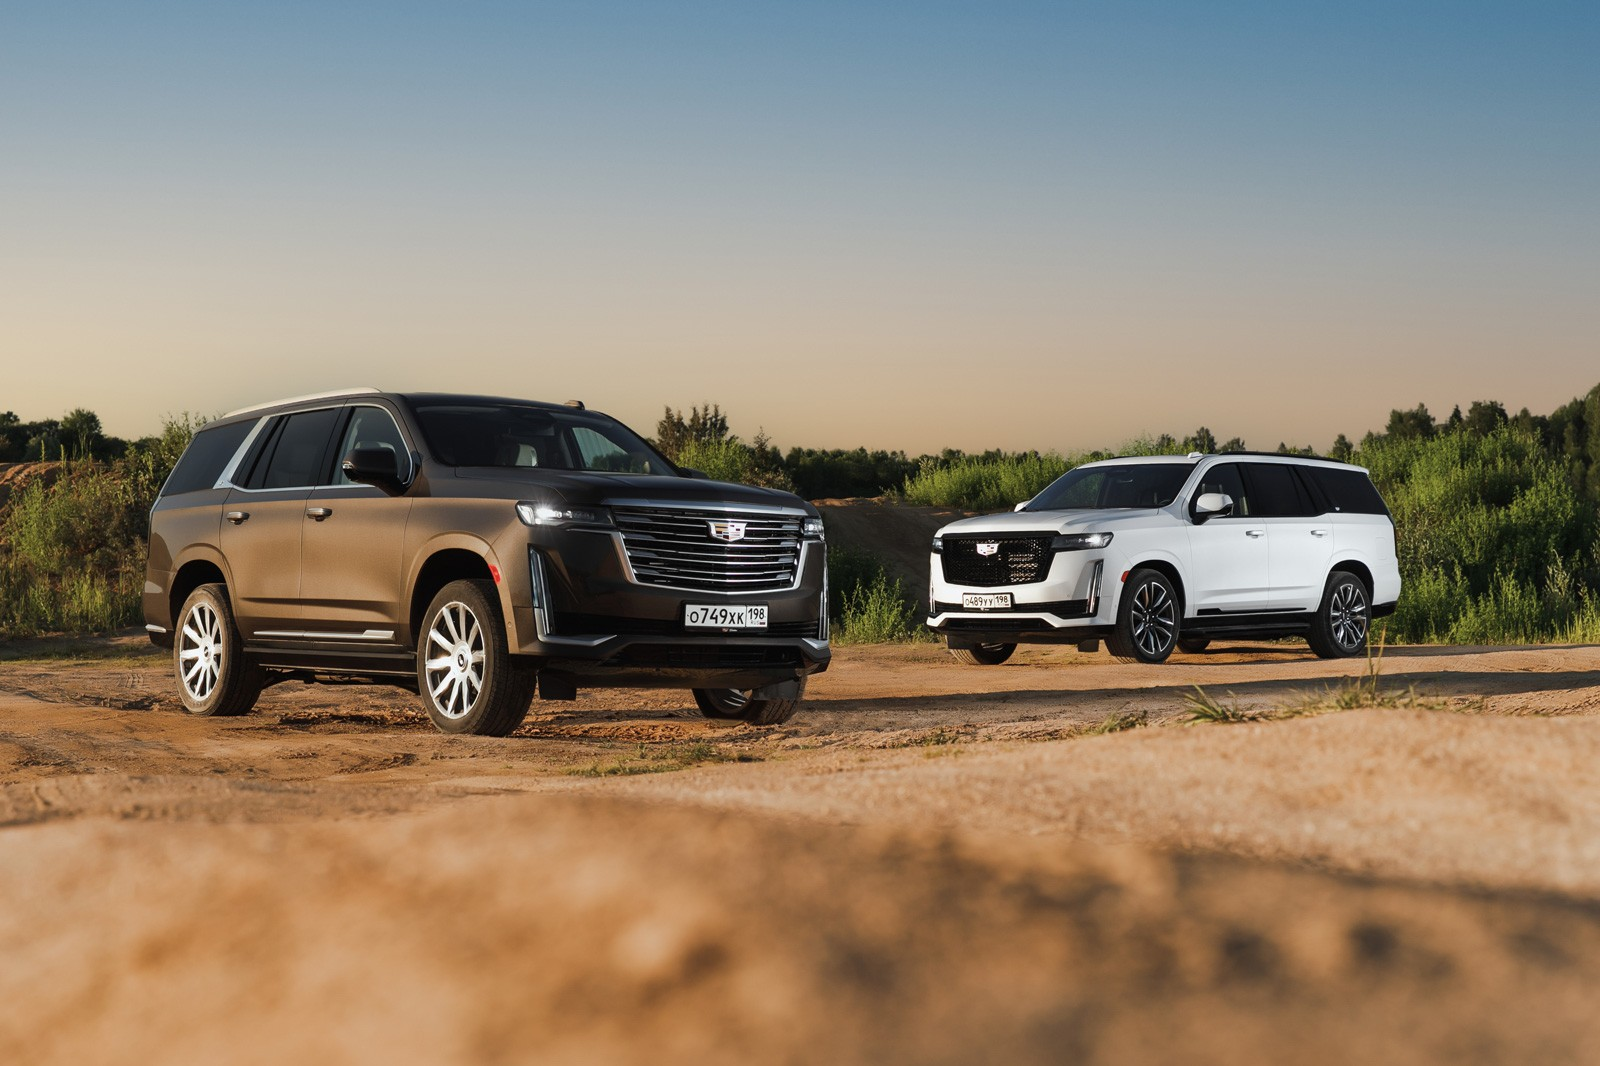 Изогнутый дисплей, 10 ступеней АКП и 6,6 секунды до 100: тест обновлённого Cadillac Escalade